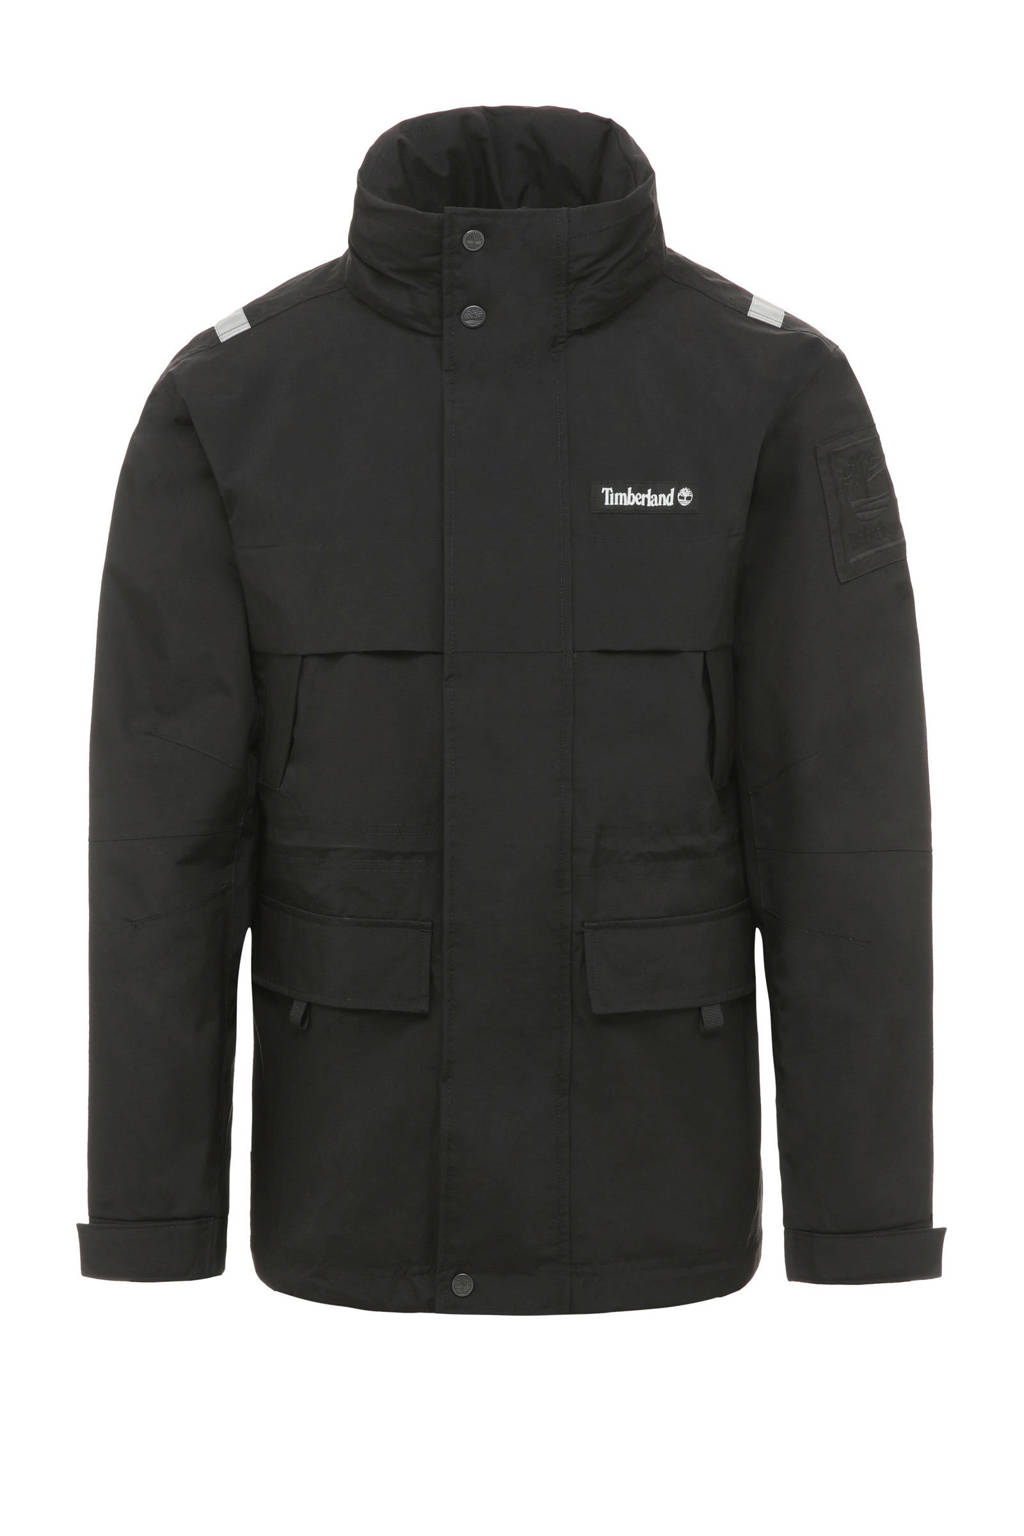 Timberland winterjas zwart, Zwart